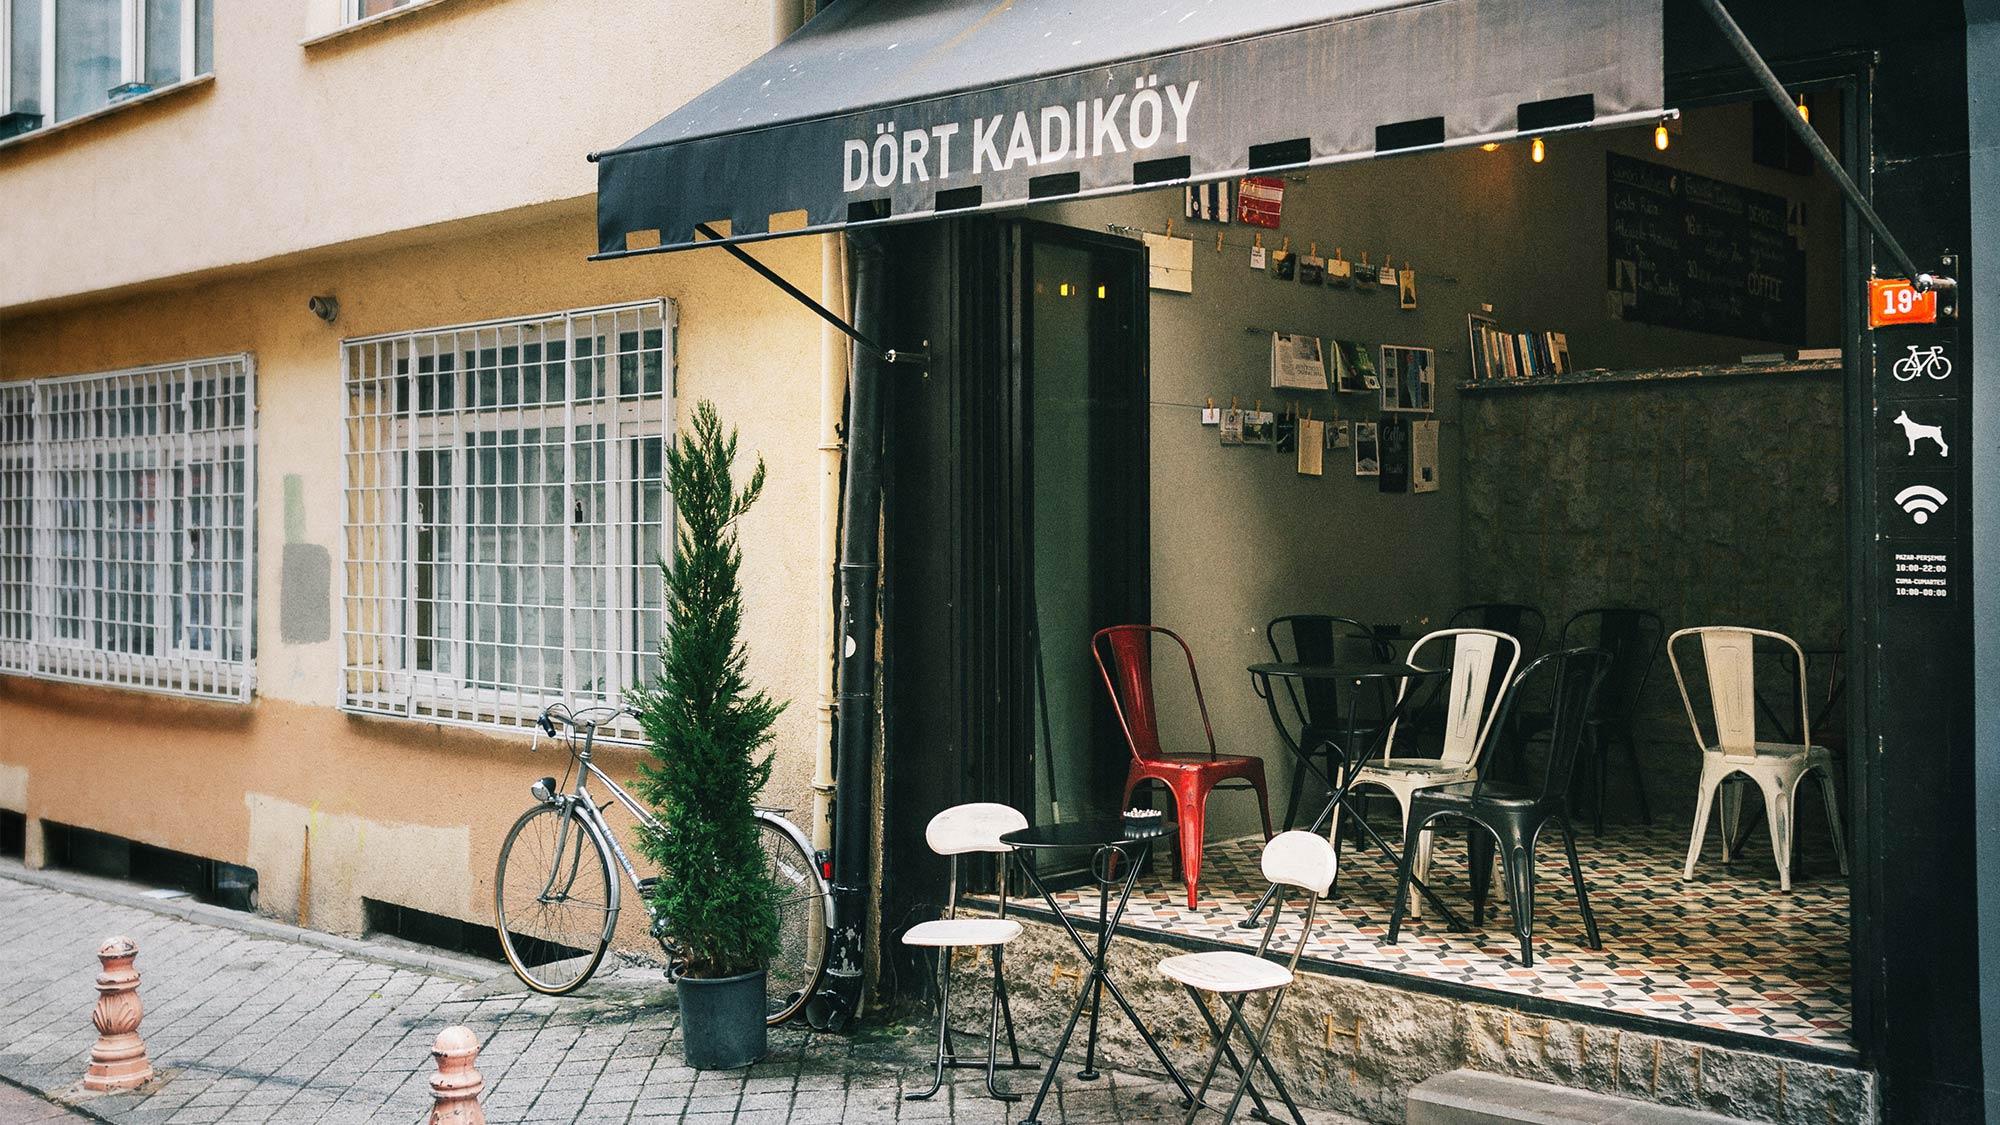 Dortkadikoy_06